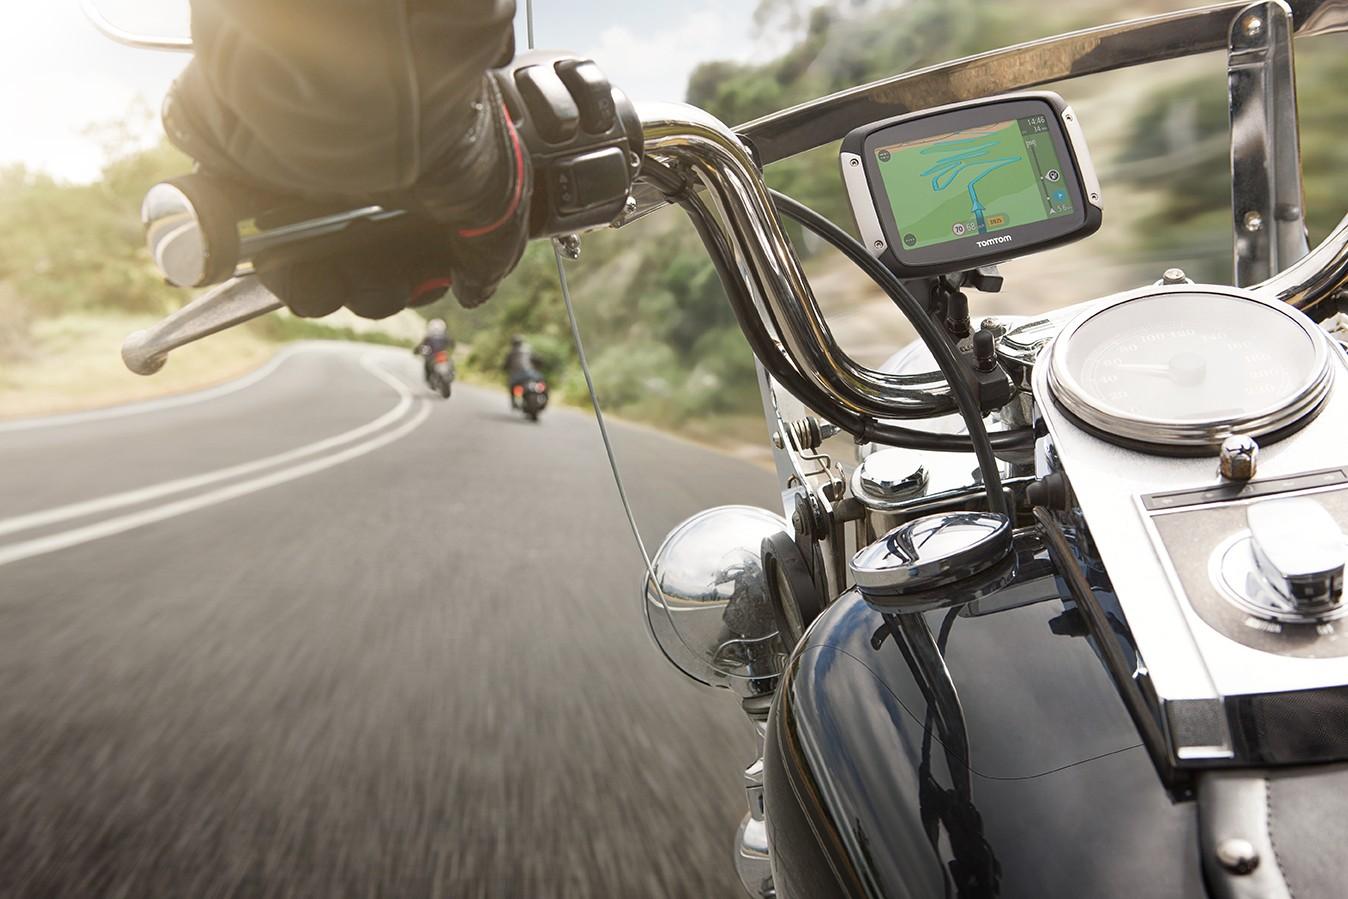 Noul GPS Rider pentru motociclete